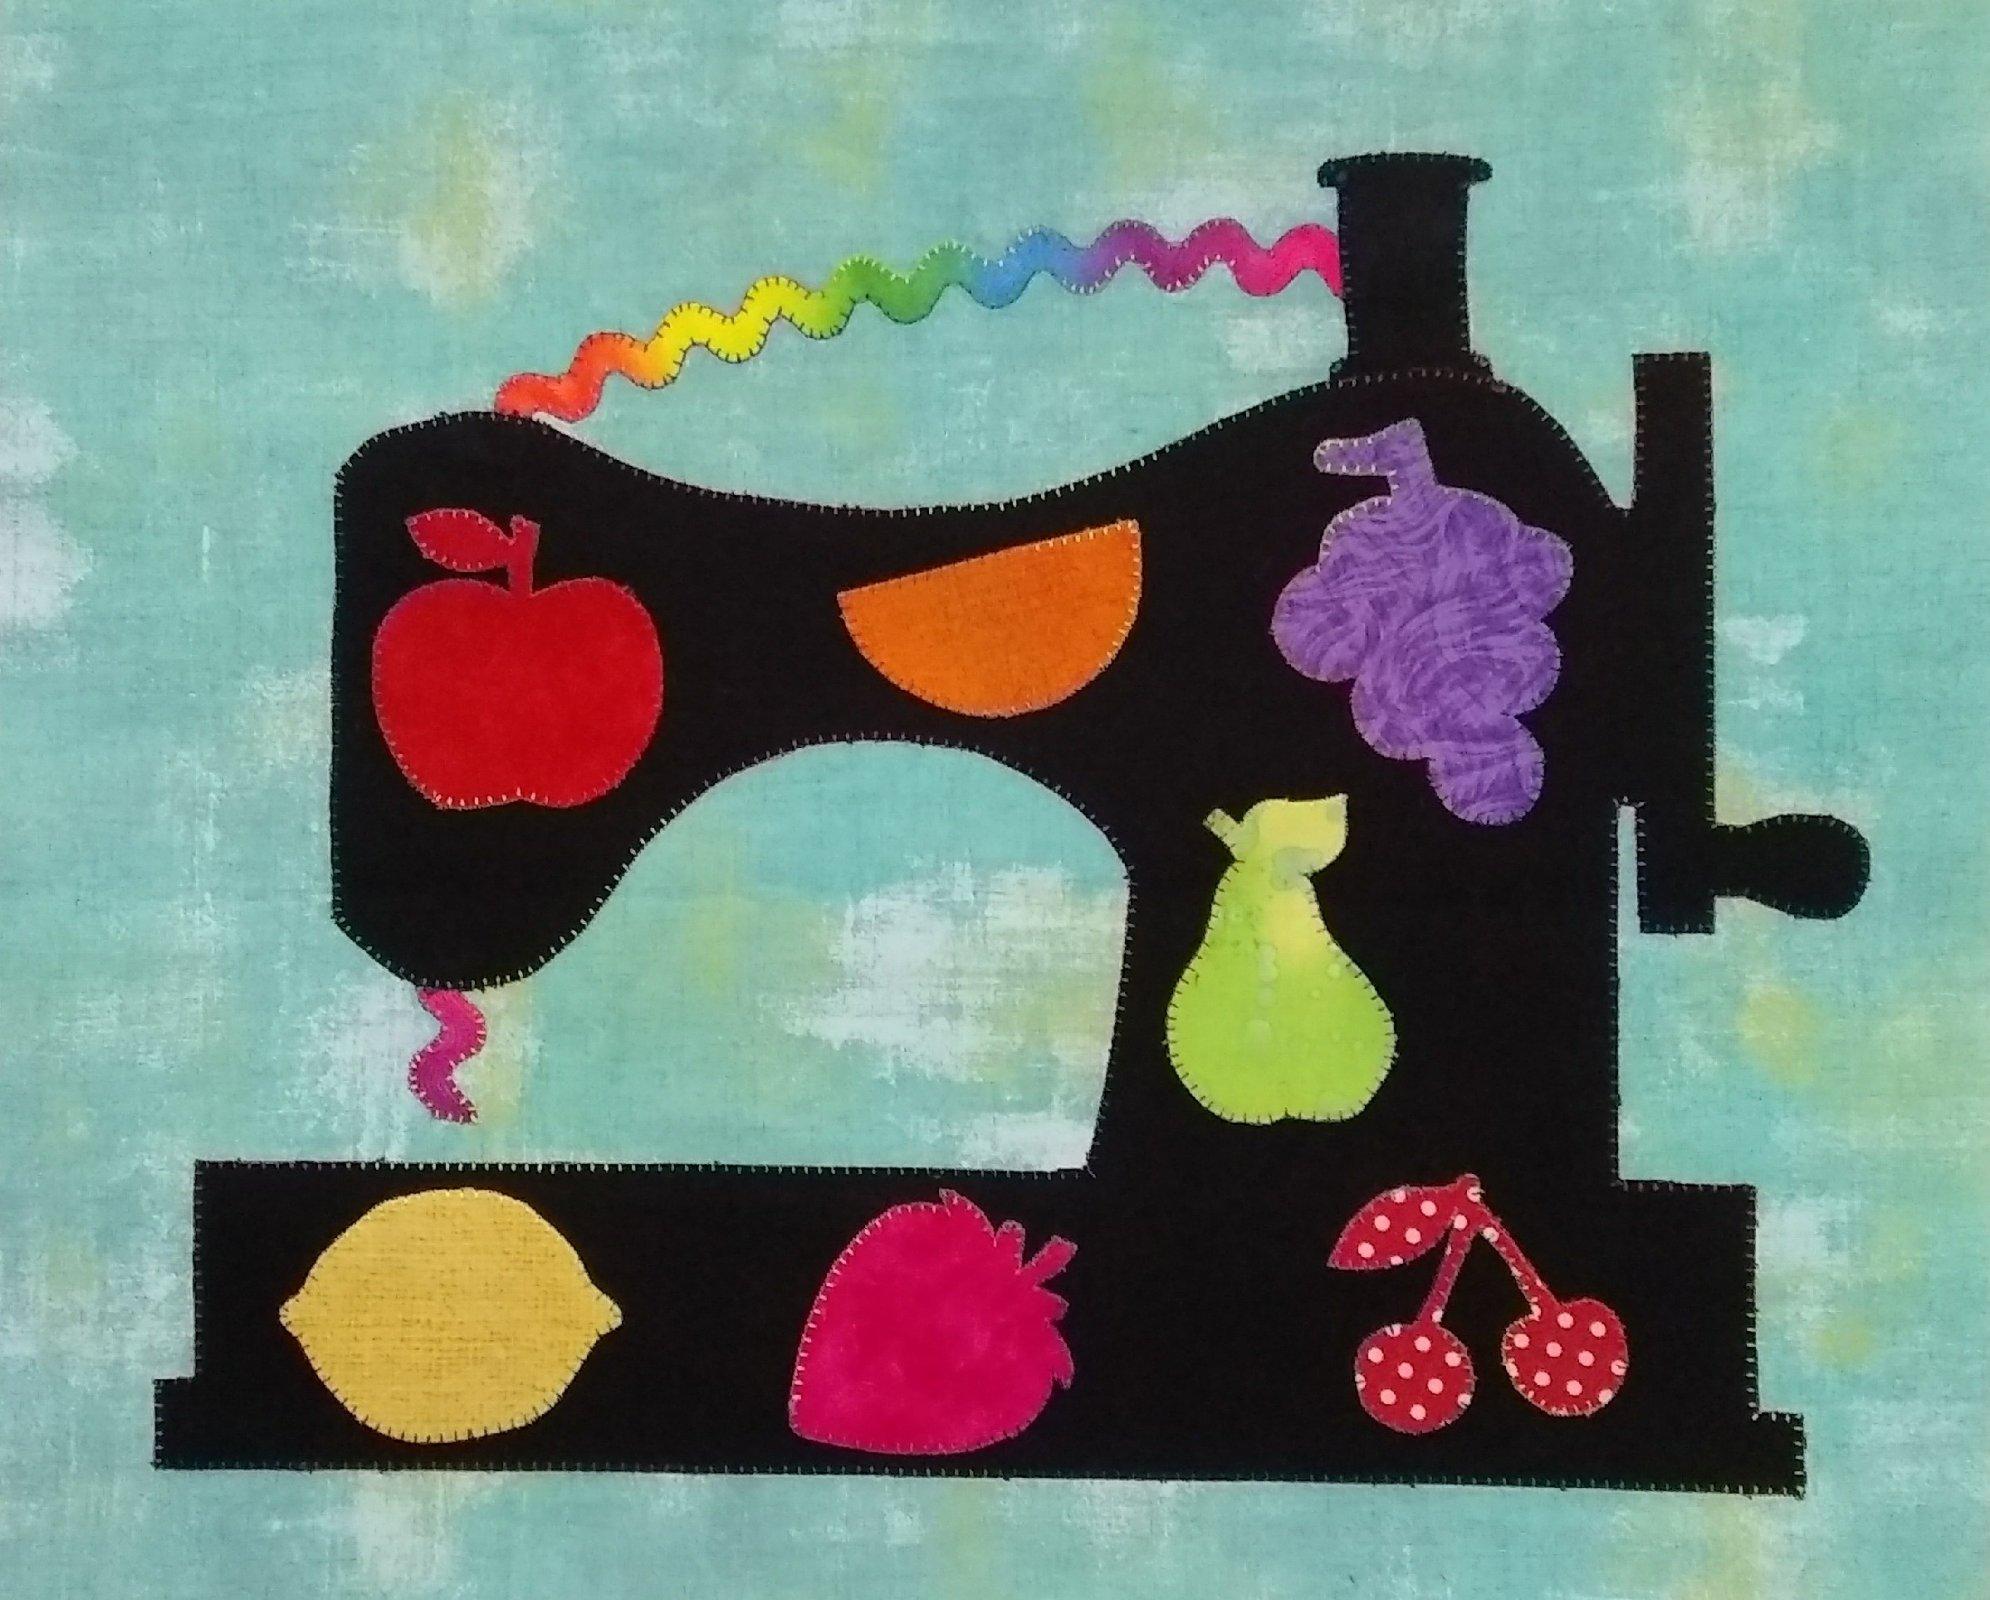 Row by Row 2019 ~ A Fruitful Art